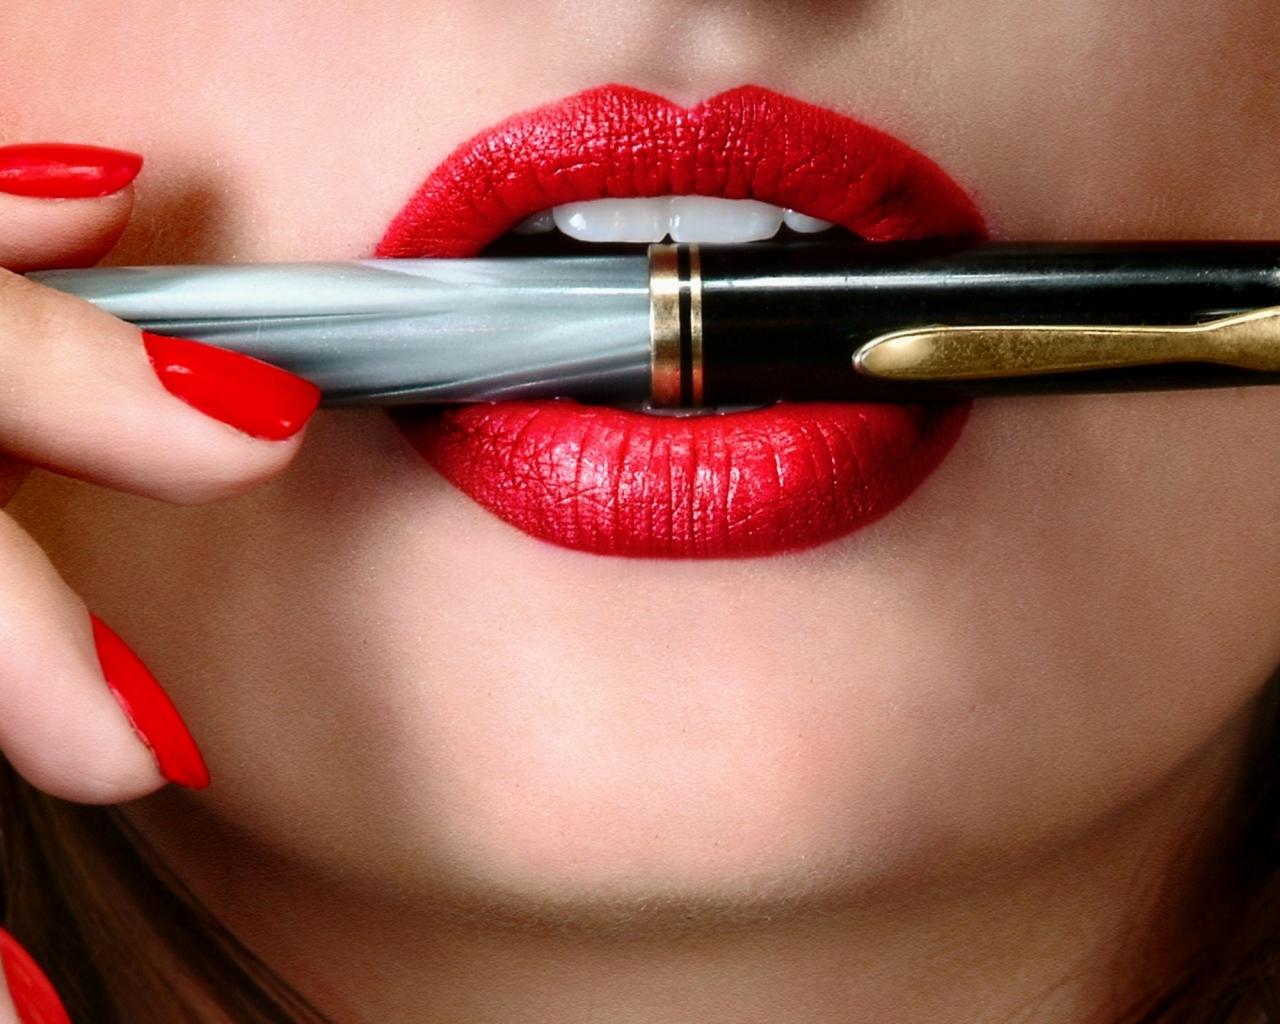 Los mejores labios rojos gratis en porno